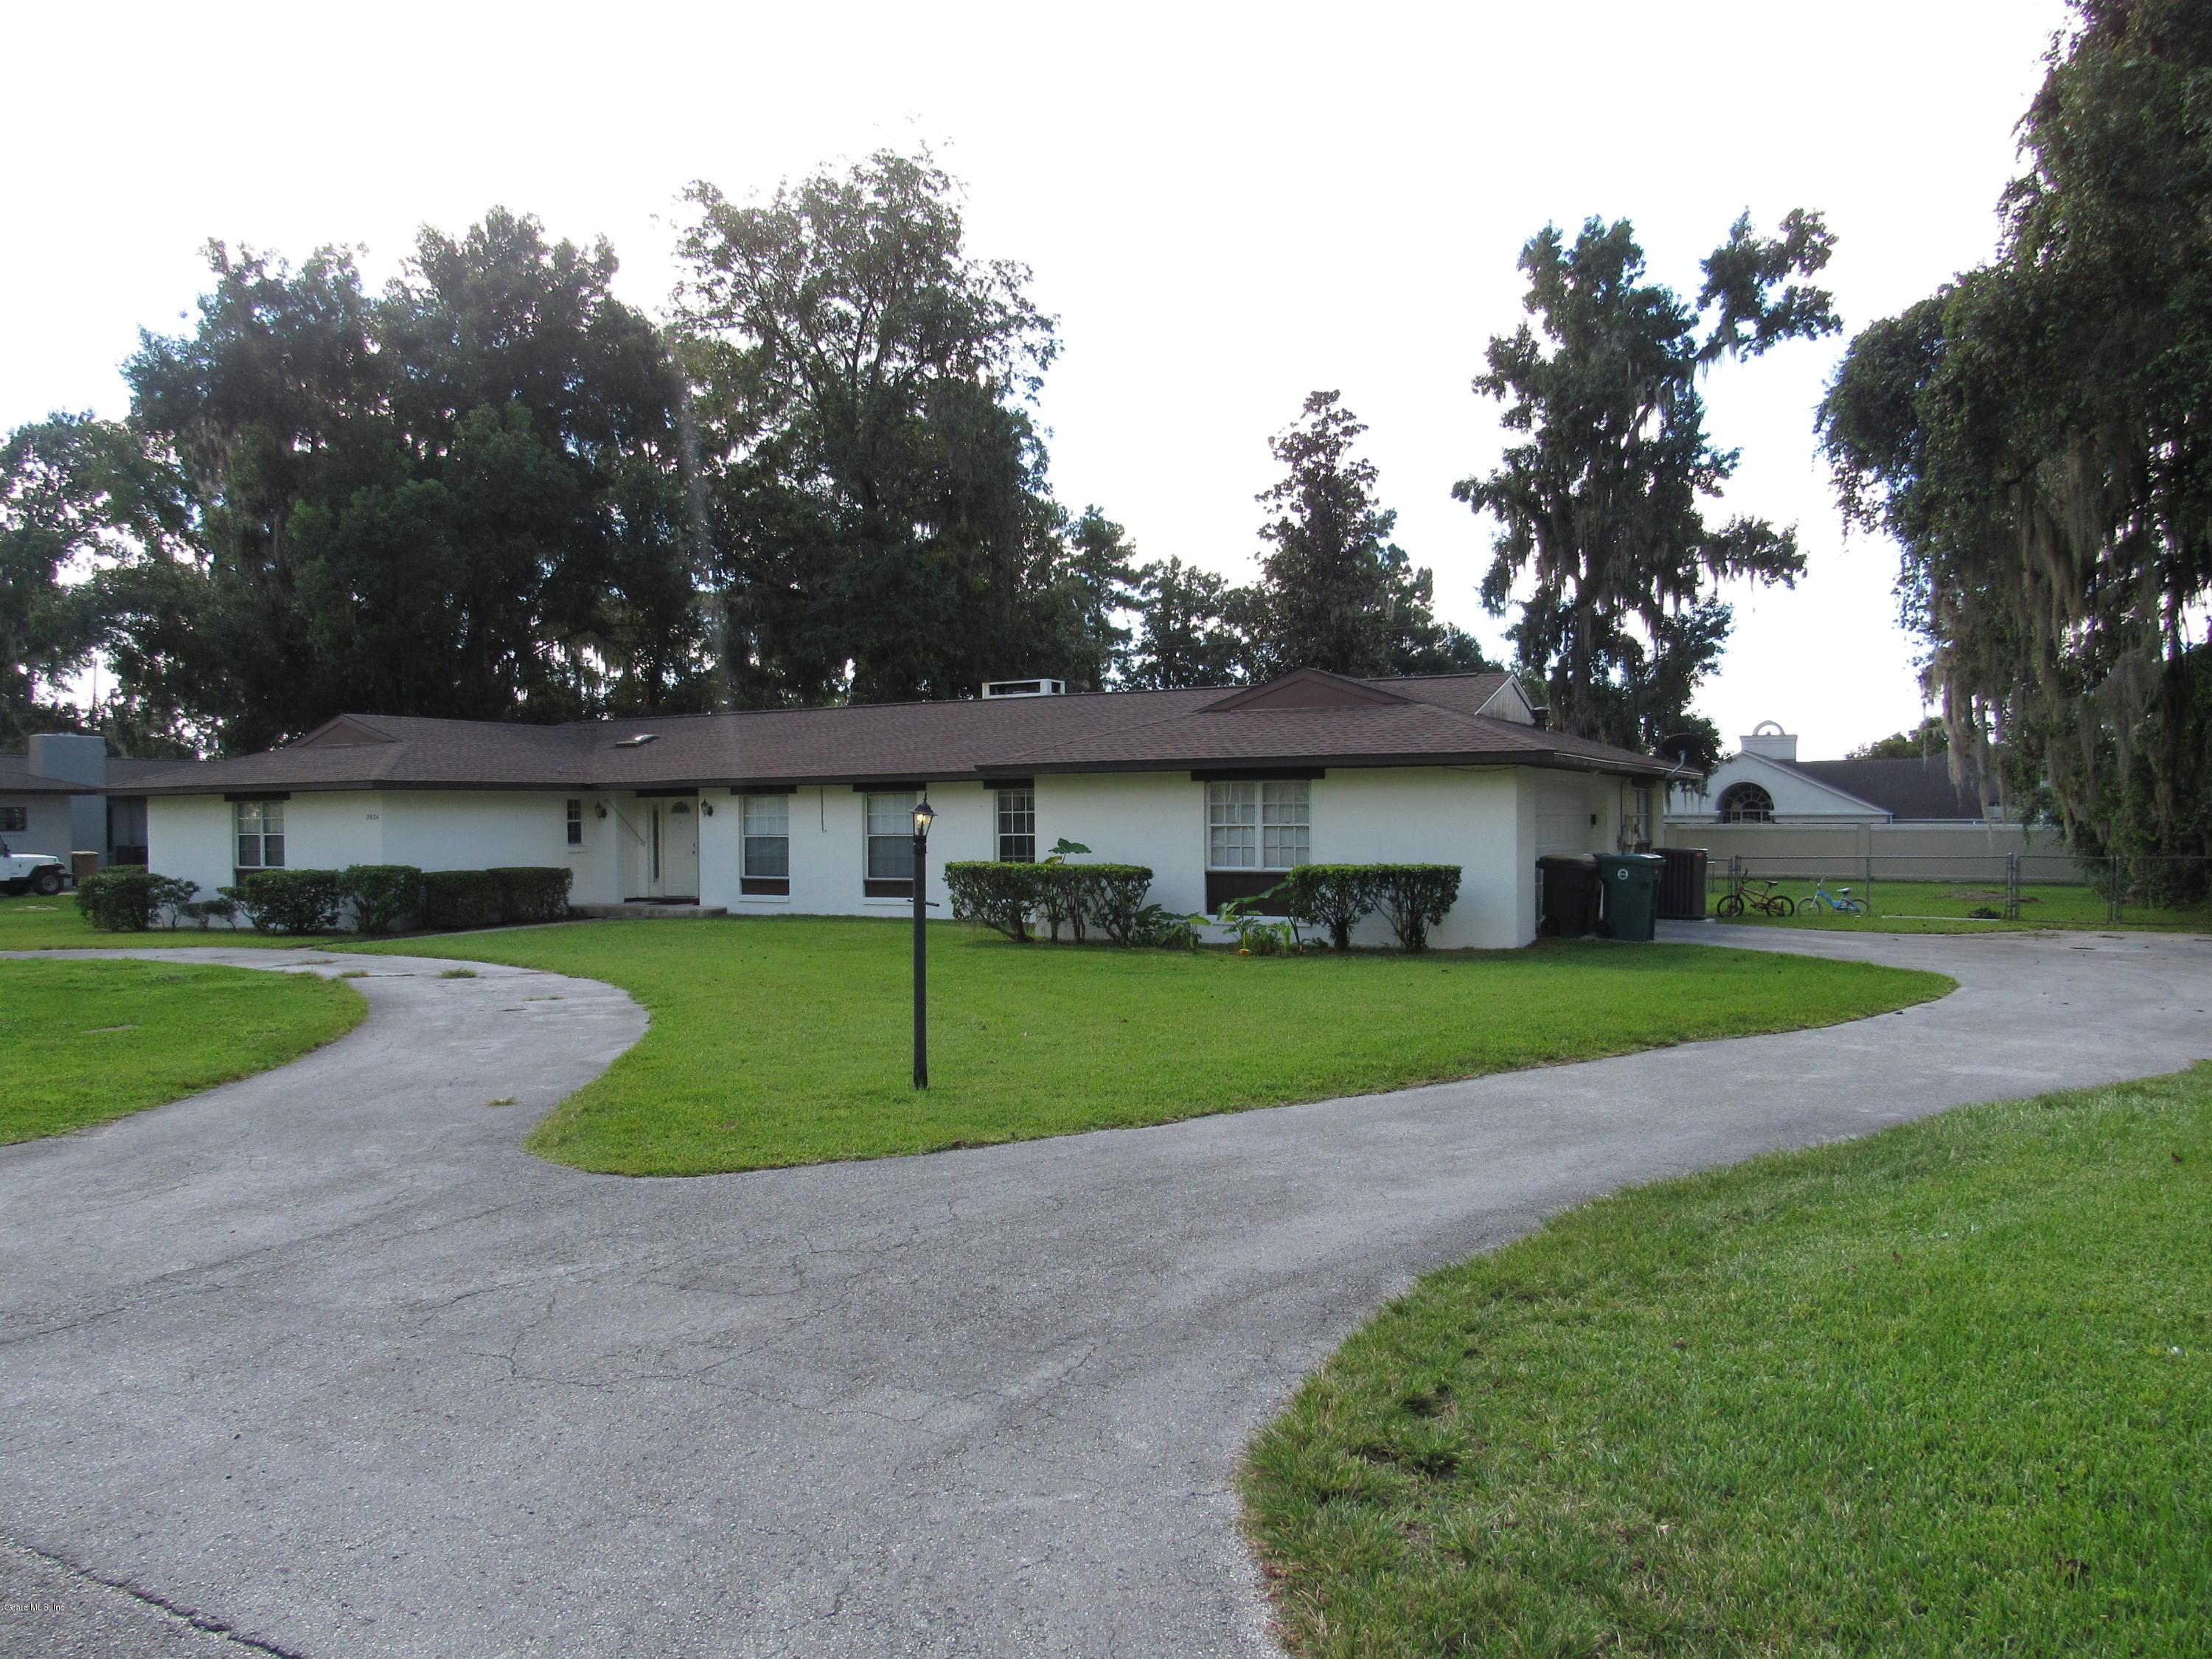 2024 SE 16TH LANE, OCALA, FL 34471